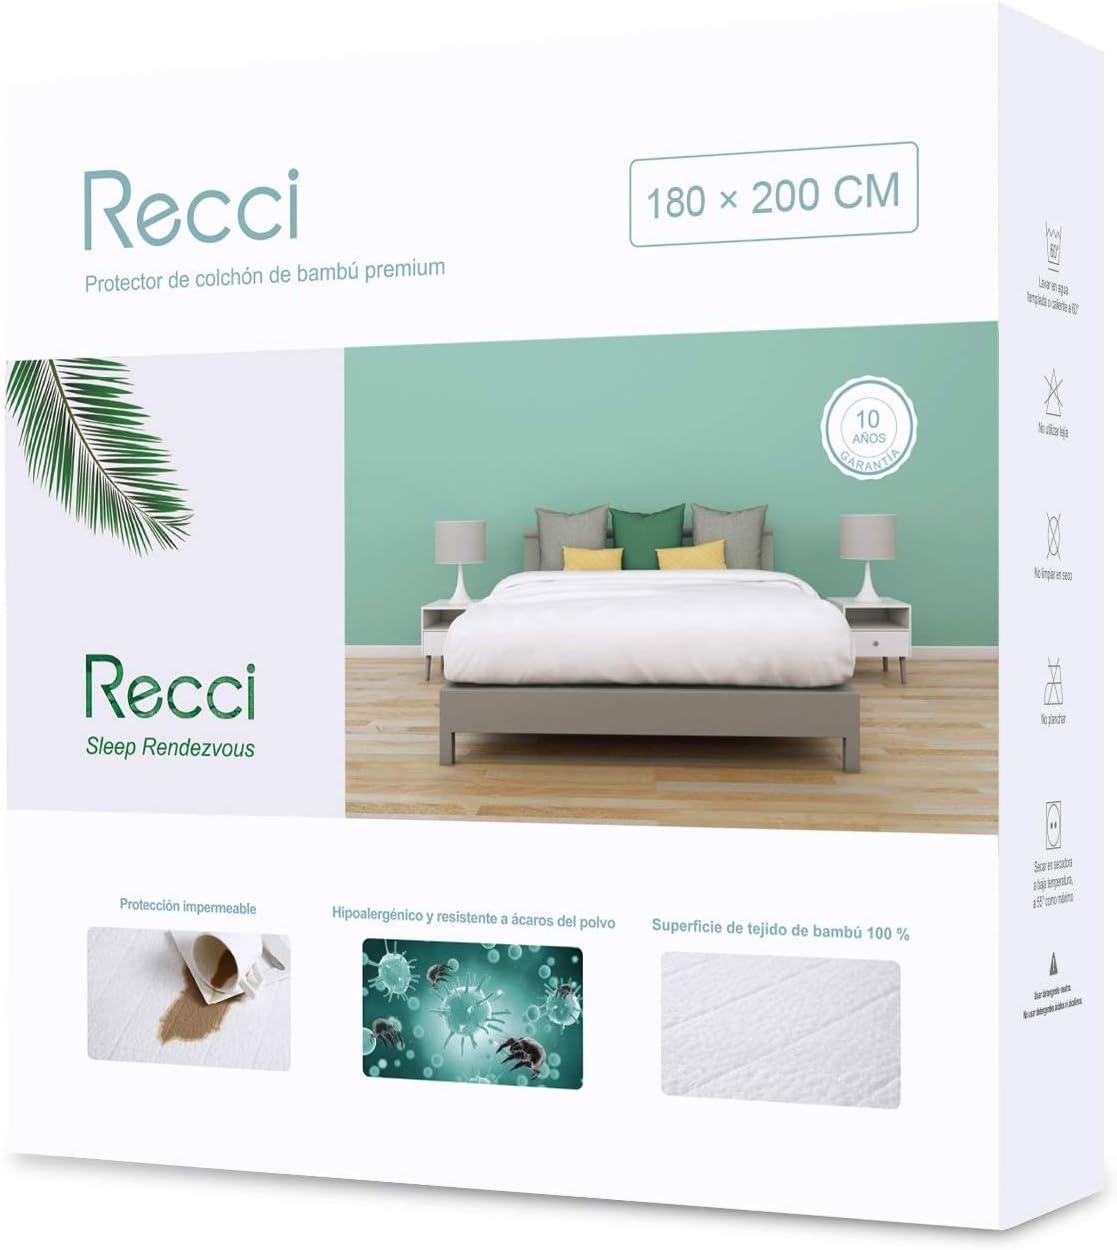 RECCI Cubre Colchón 180x200 - Funda de Colchón 180x200, 100% Bambú Protector de Colchón, Ultra Suave, Transpirable, Anti-Ácaros, Antibacteriano, Silencioso [ 180x200 cm ]